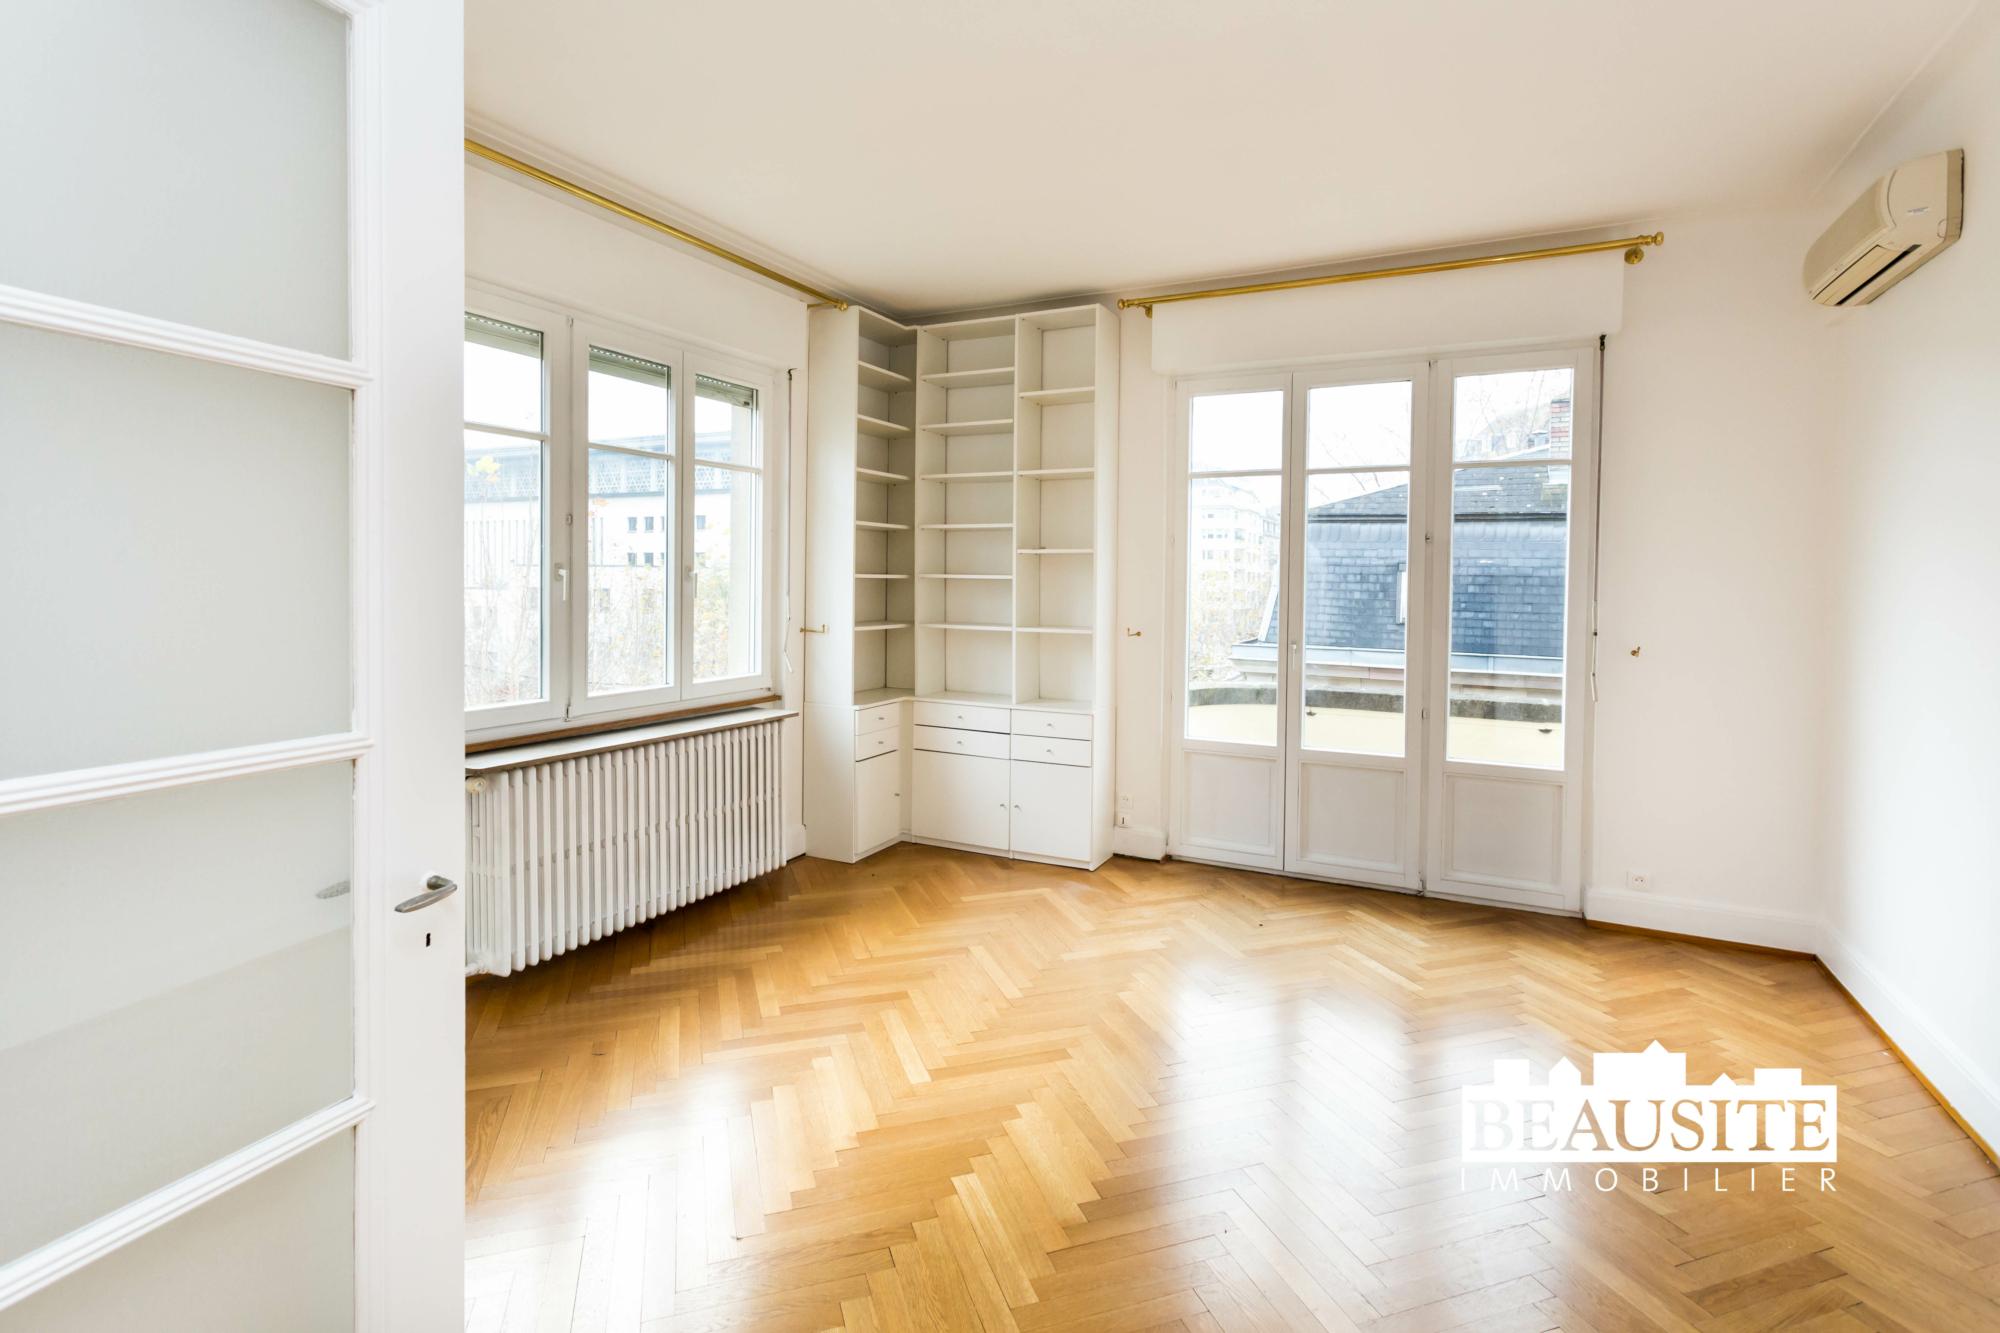 [Gloria] Un magnifique appartement bourgeois avec garage - Contades / Avenue de la Paix - nos ventes - Beausite Immobilier 6